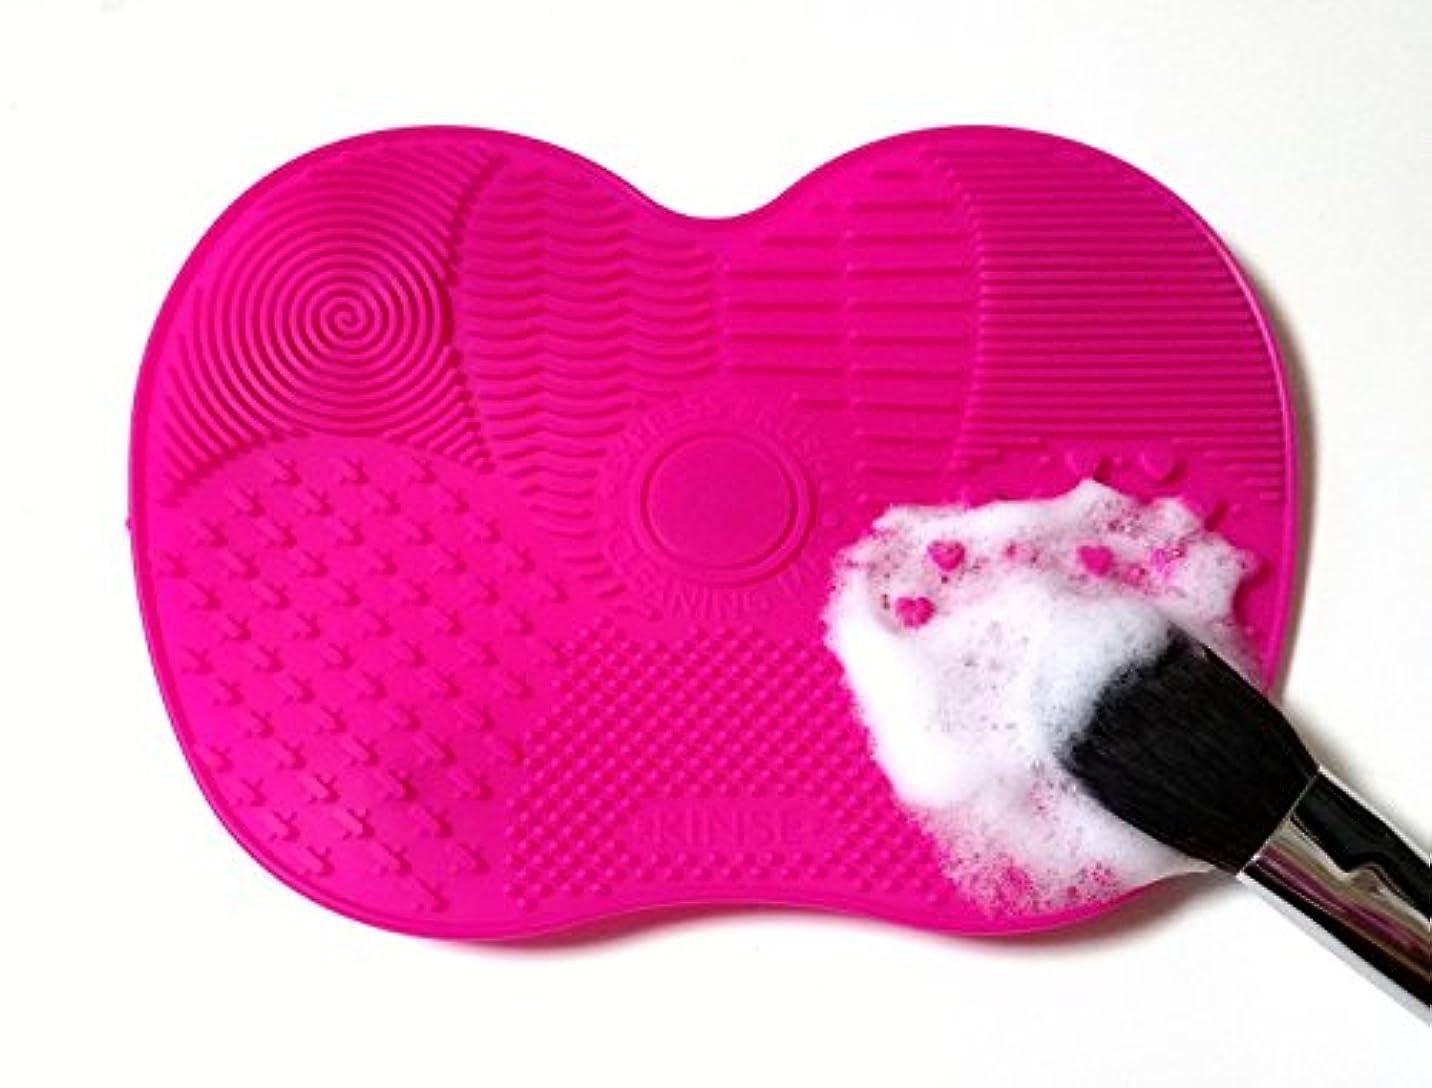 お手入れ馬鹿げた機会Lumiele ブラシ洗い用 シリコンマット メイクブラシ クリーニングマット 洗い 化粧筆 化粧ブラシ 筆洗い ブラシ洗い (ピンク)